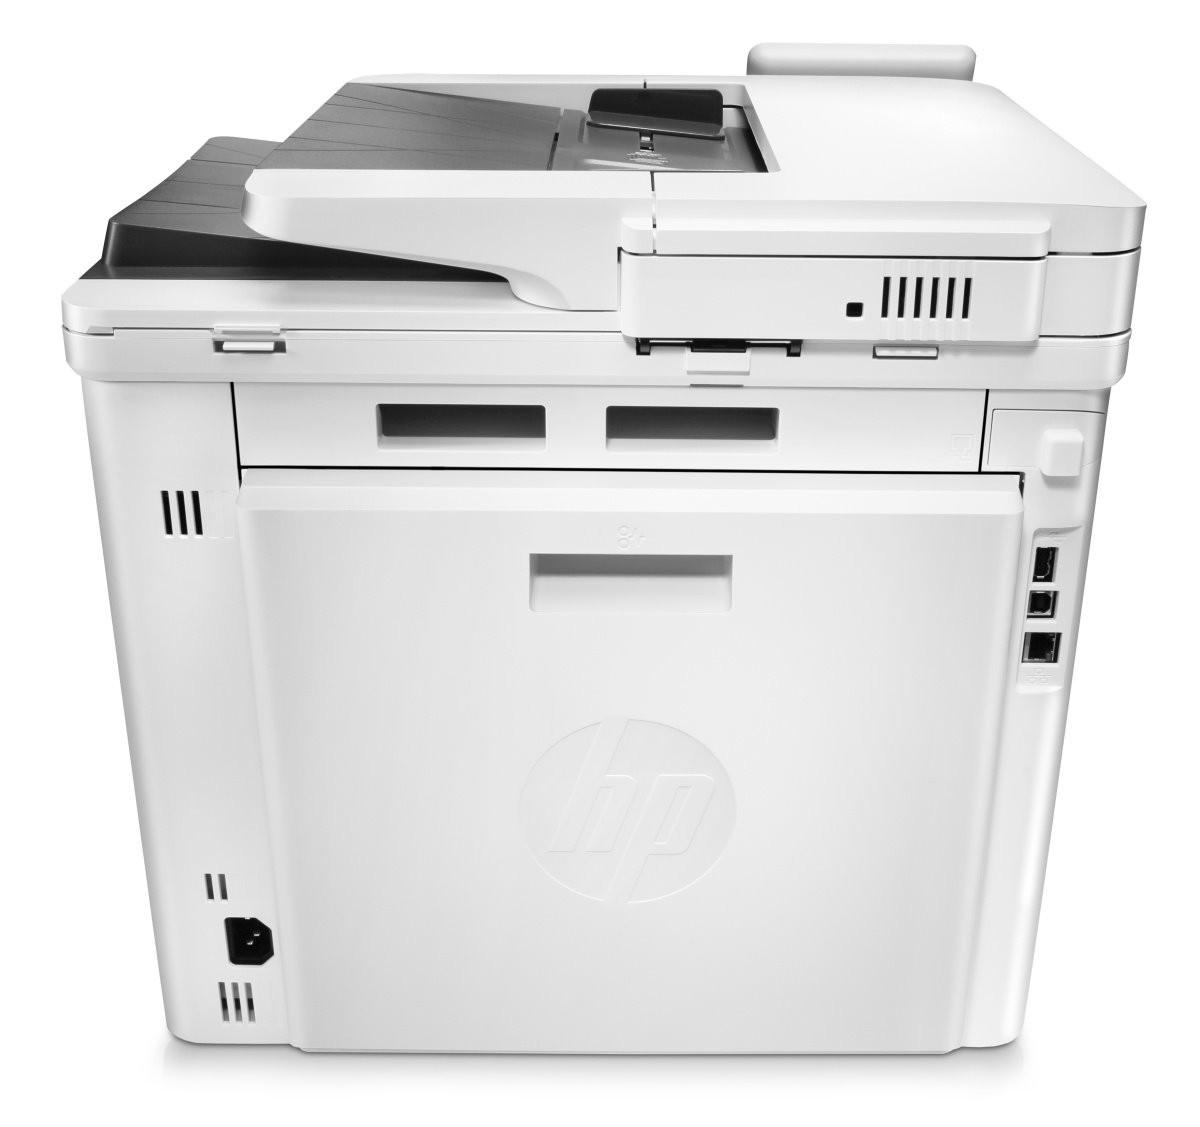 HP LaserJet Pro M477fdw Colour Printer